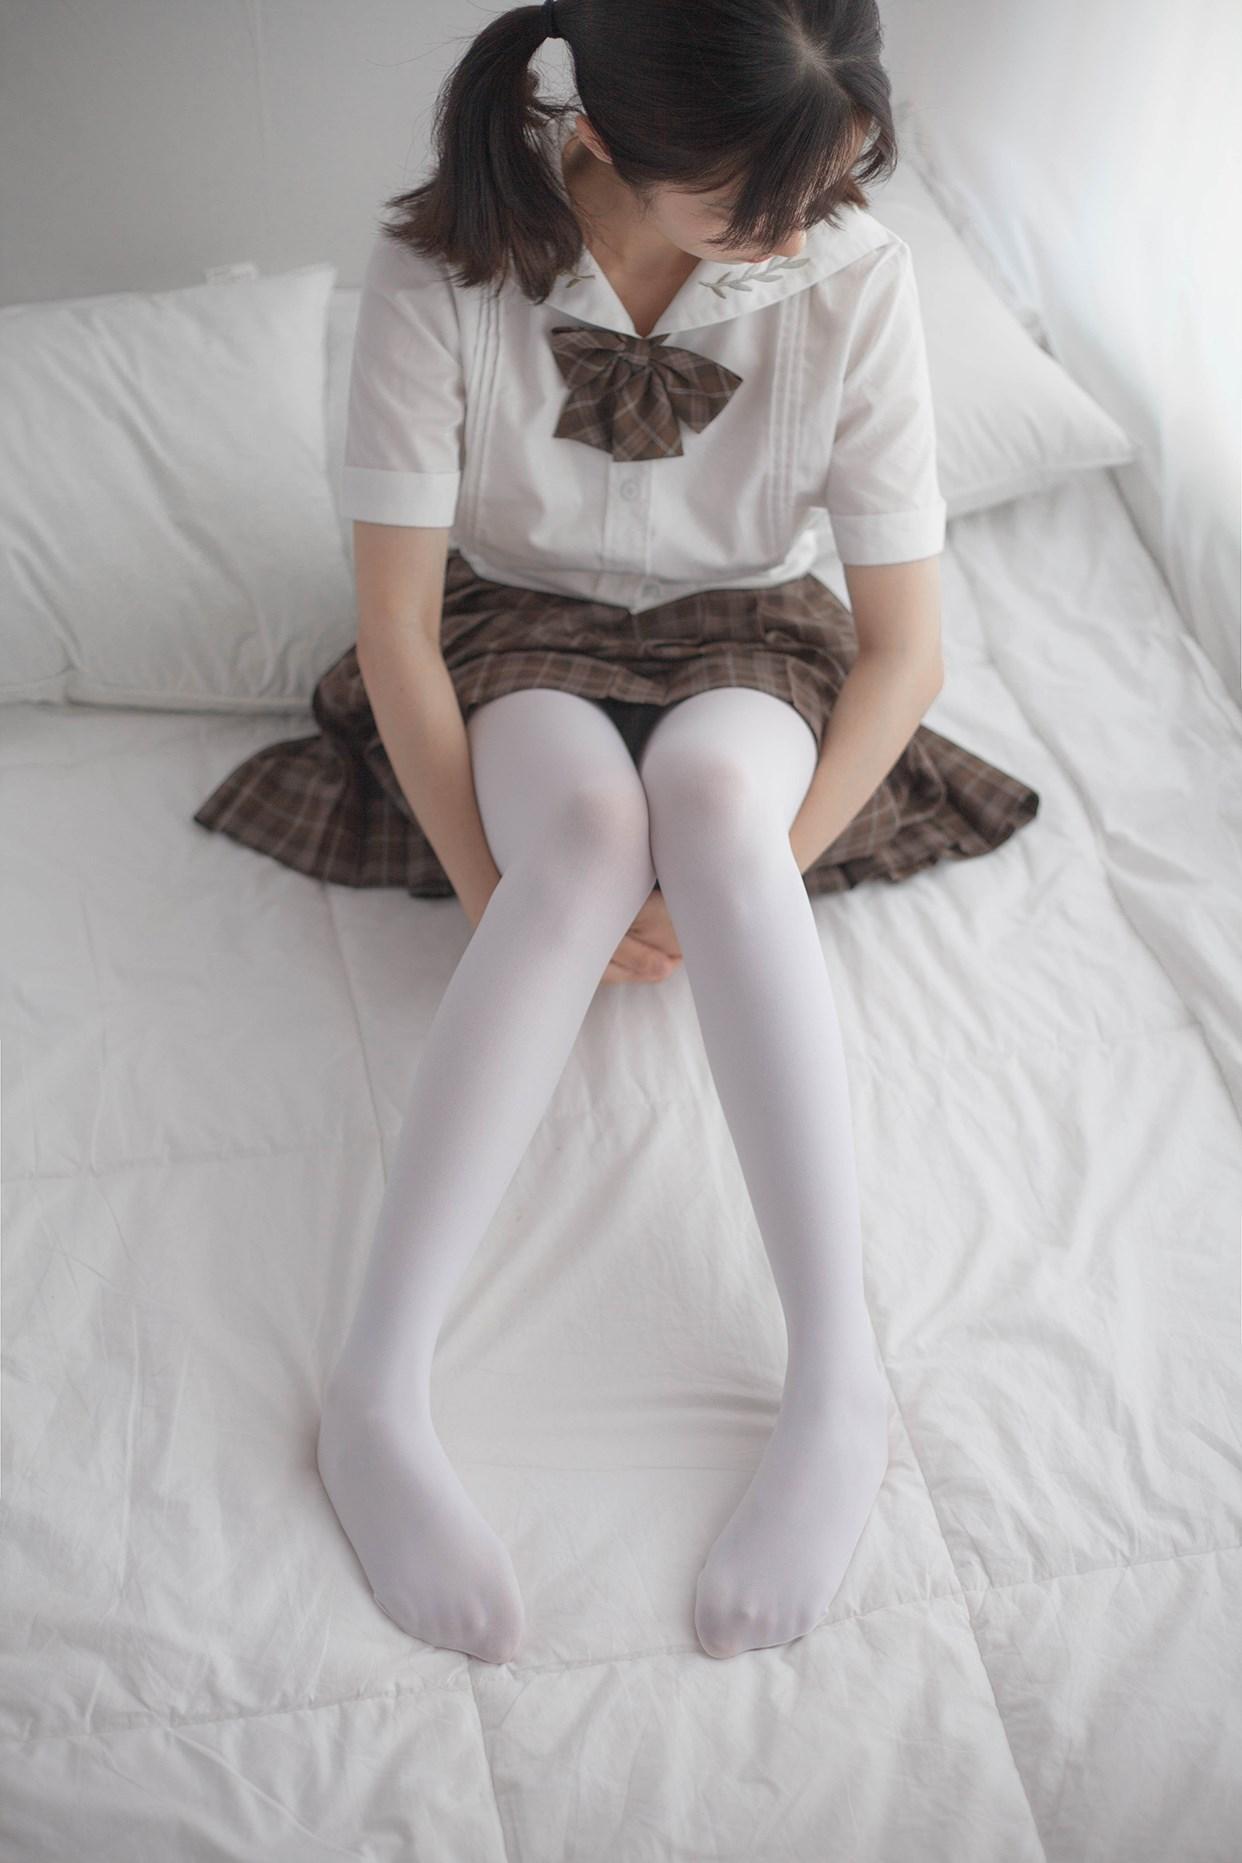 【兔玩映画】白丝少女 兔玩映画 第10张